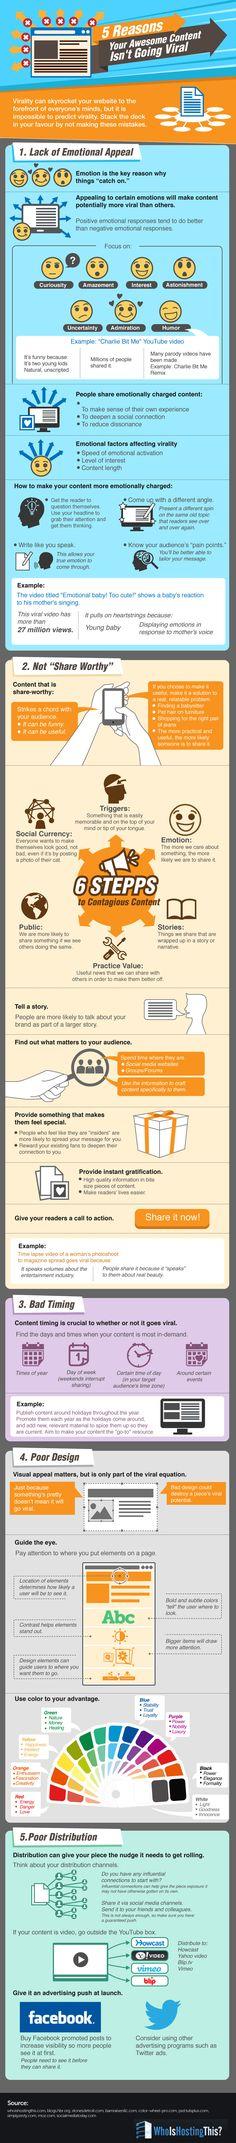 Vijf redenen waarom jouw post niet viraal gaat #infographic